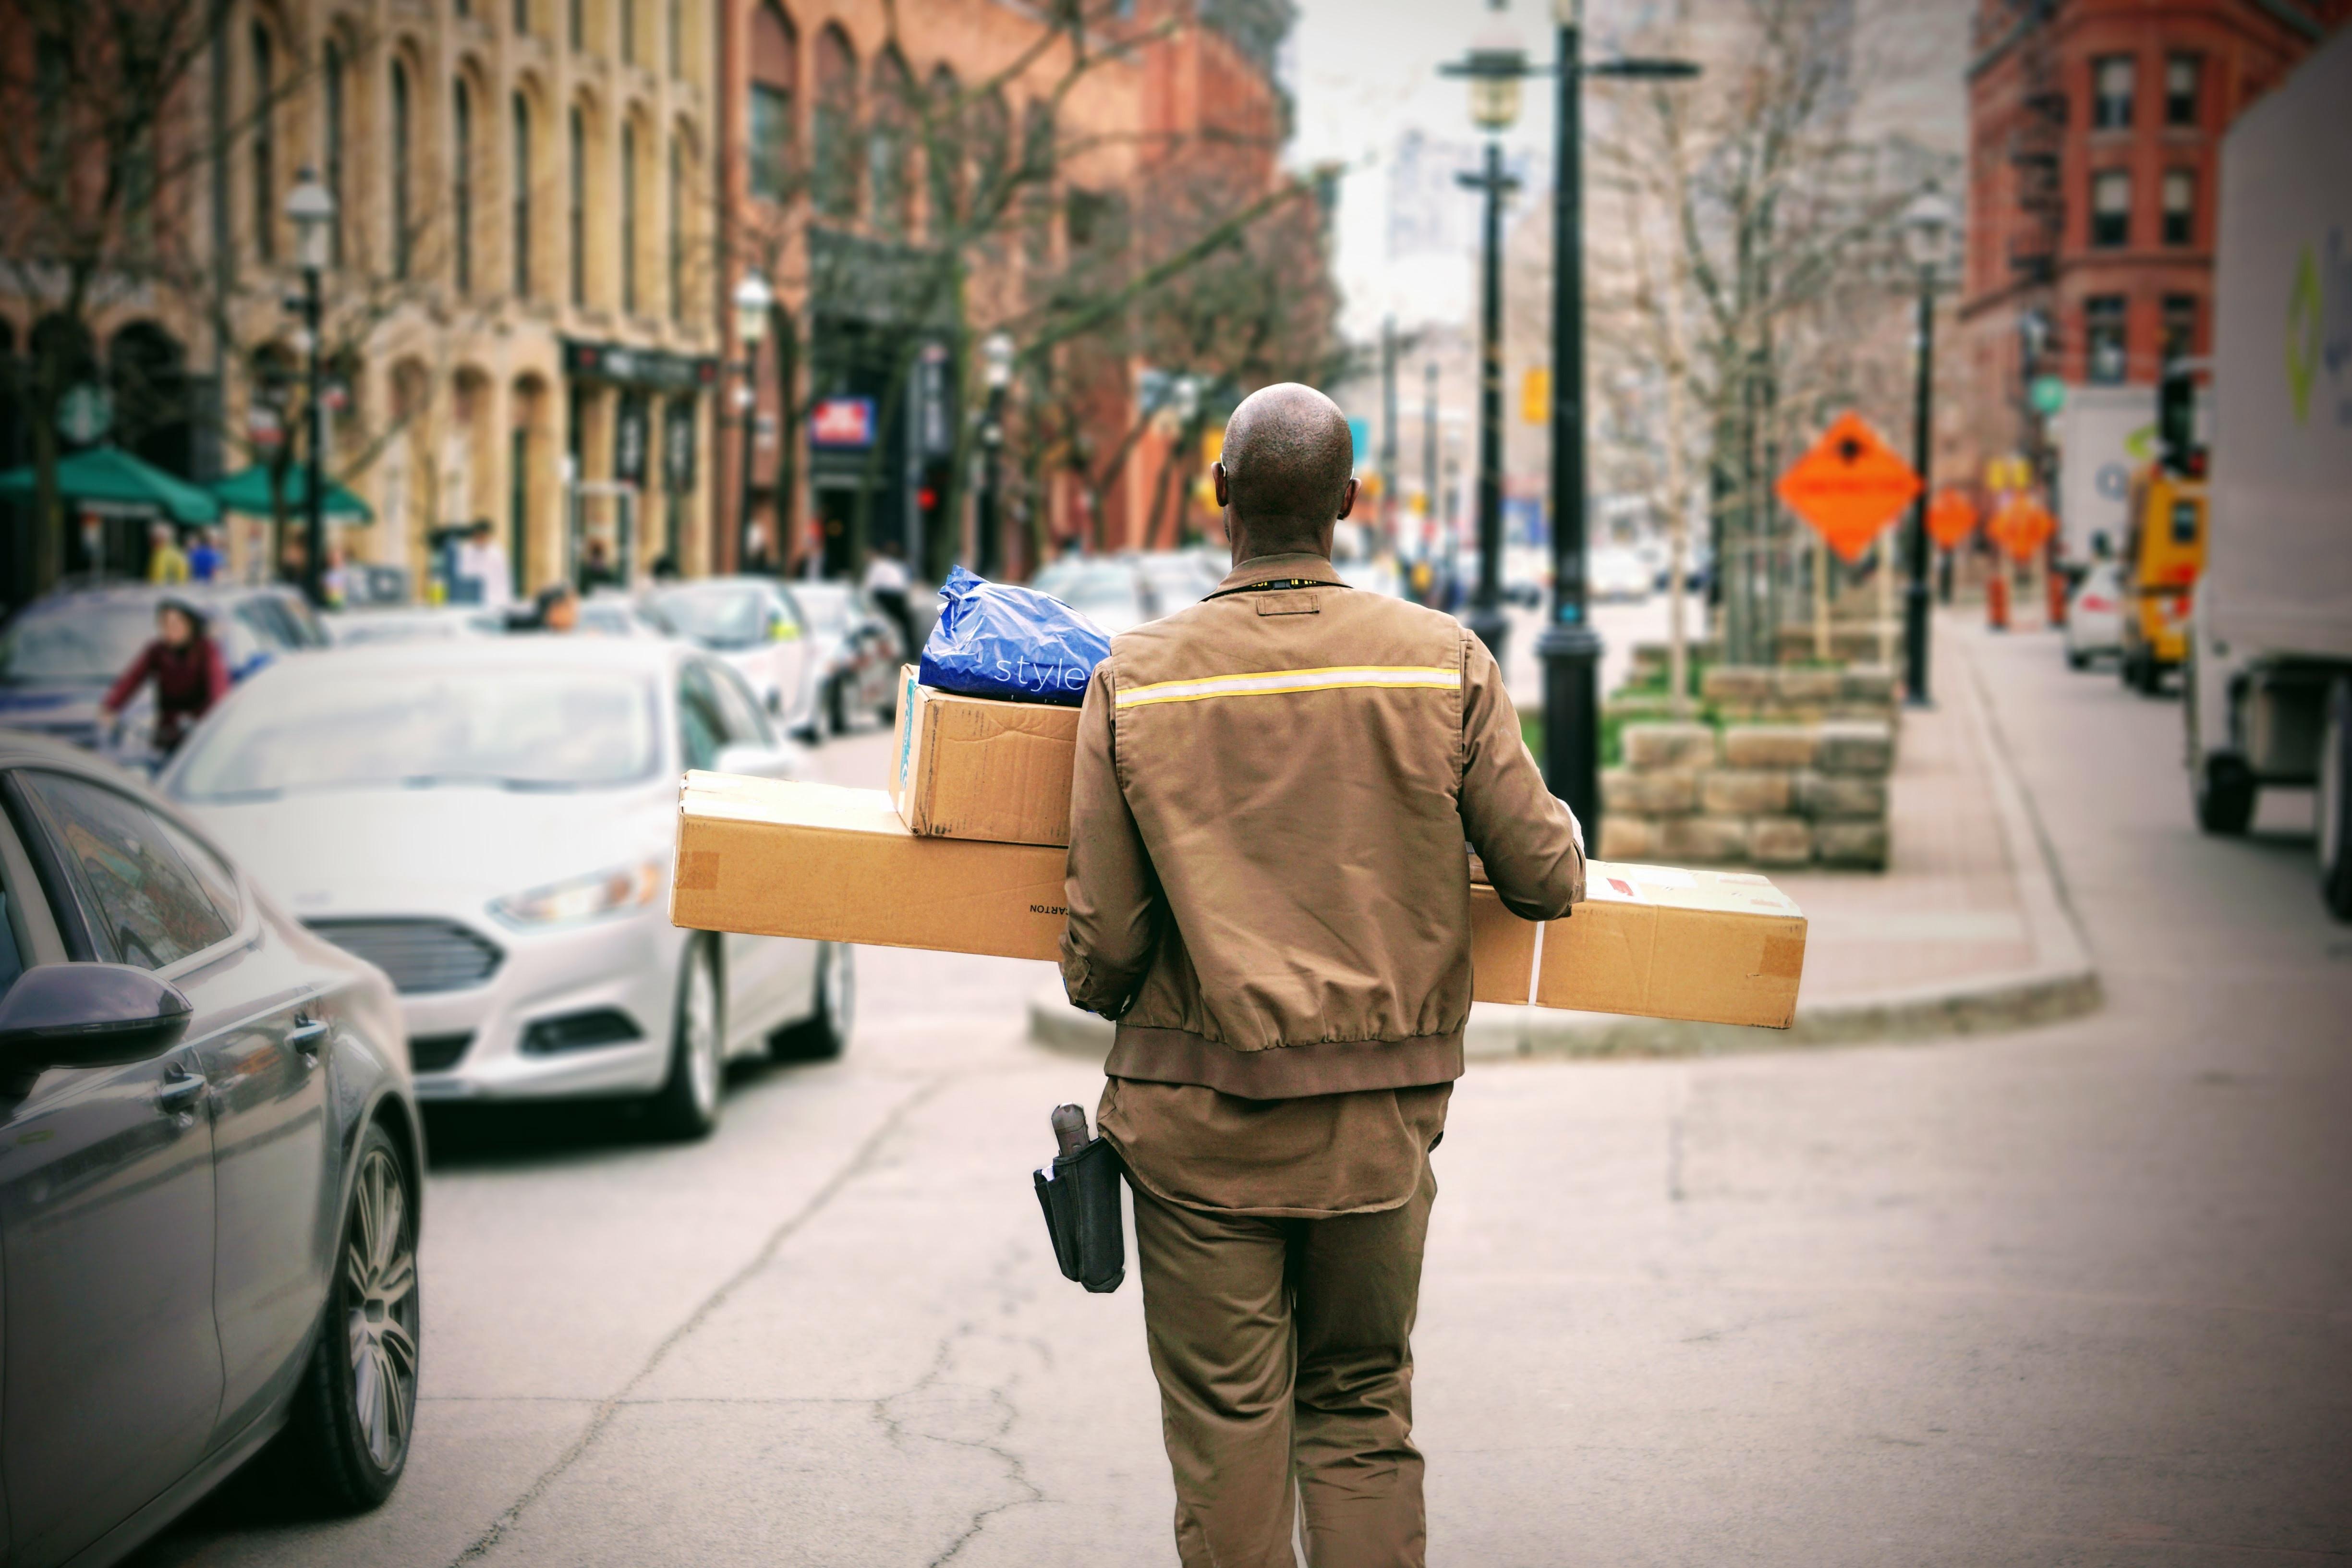 Retourenquote senken: Die häufigsten Gründe für Retouren – und 4 Strategien, sie zu vermeiden